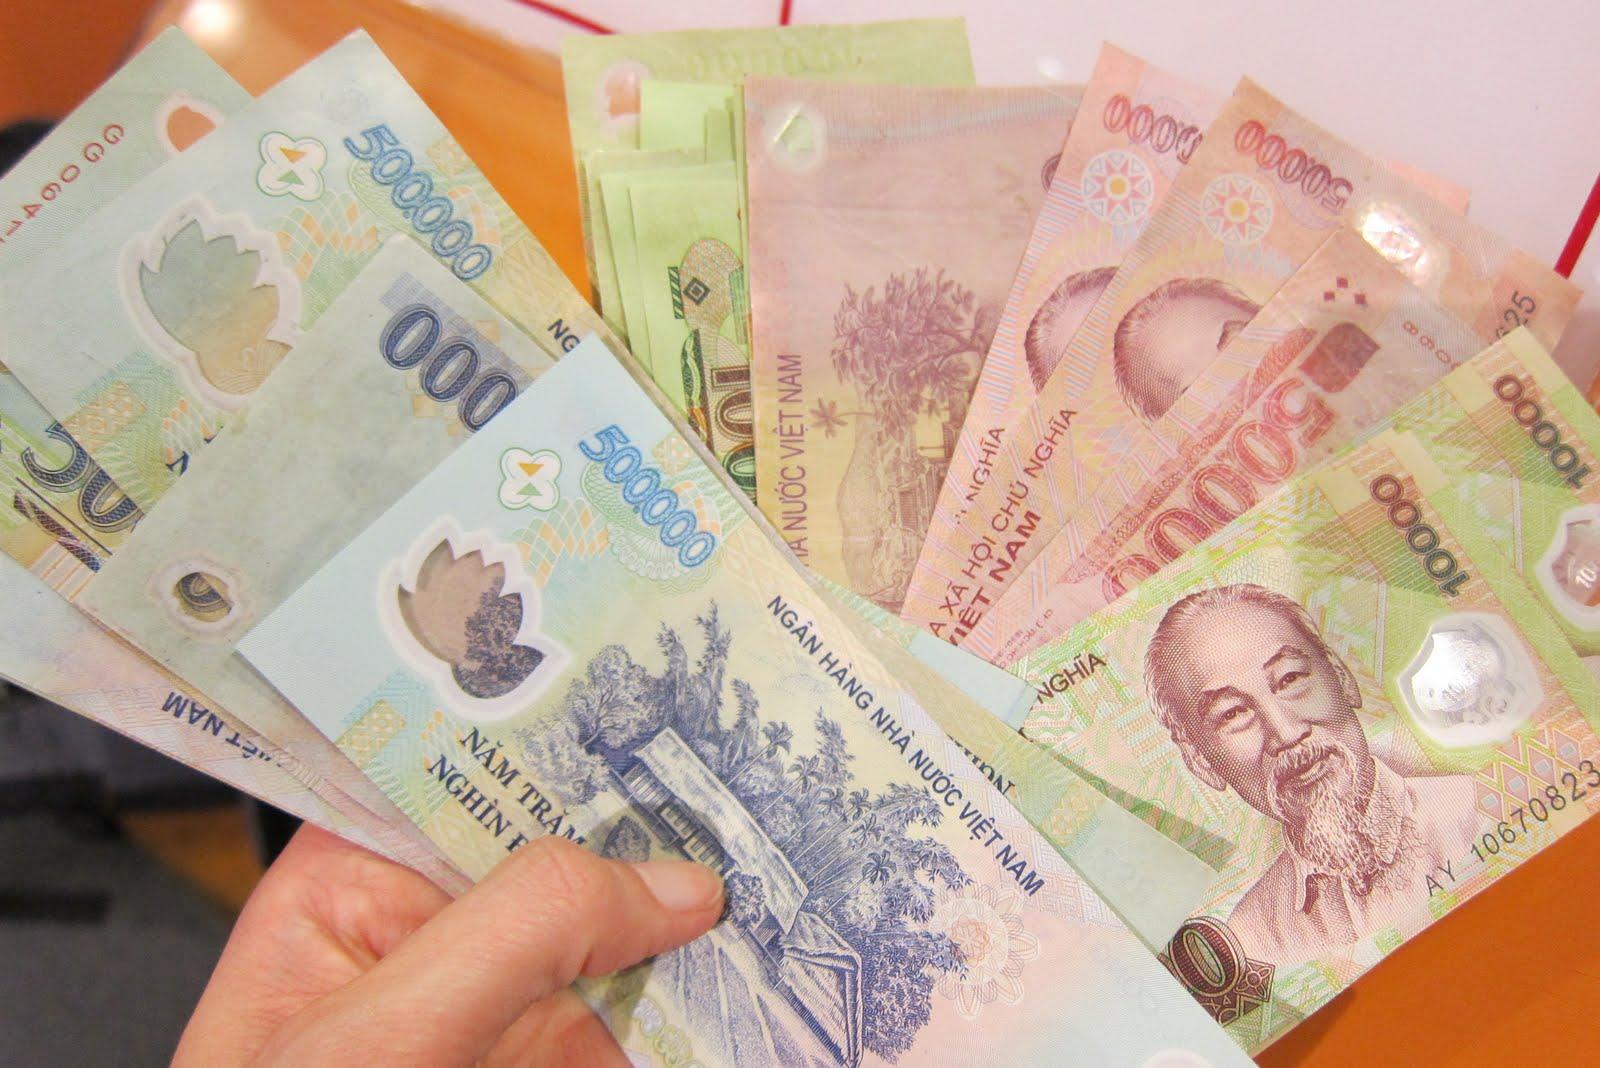 Tiền tệ Châu Á mất giá mạnh nhất trong 3 năm trở lại đây